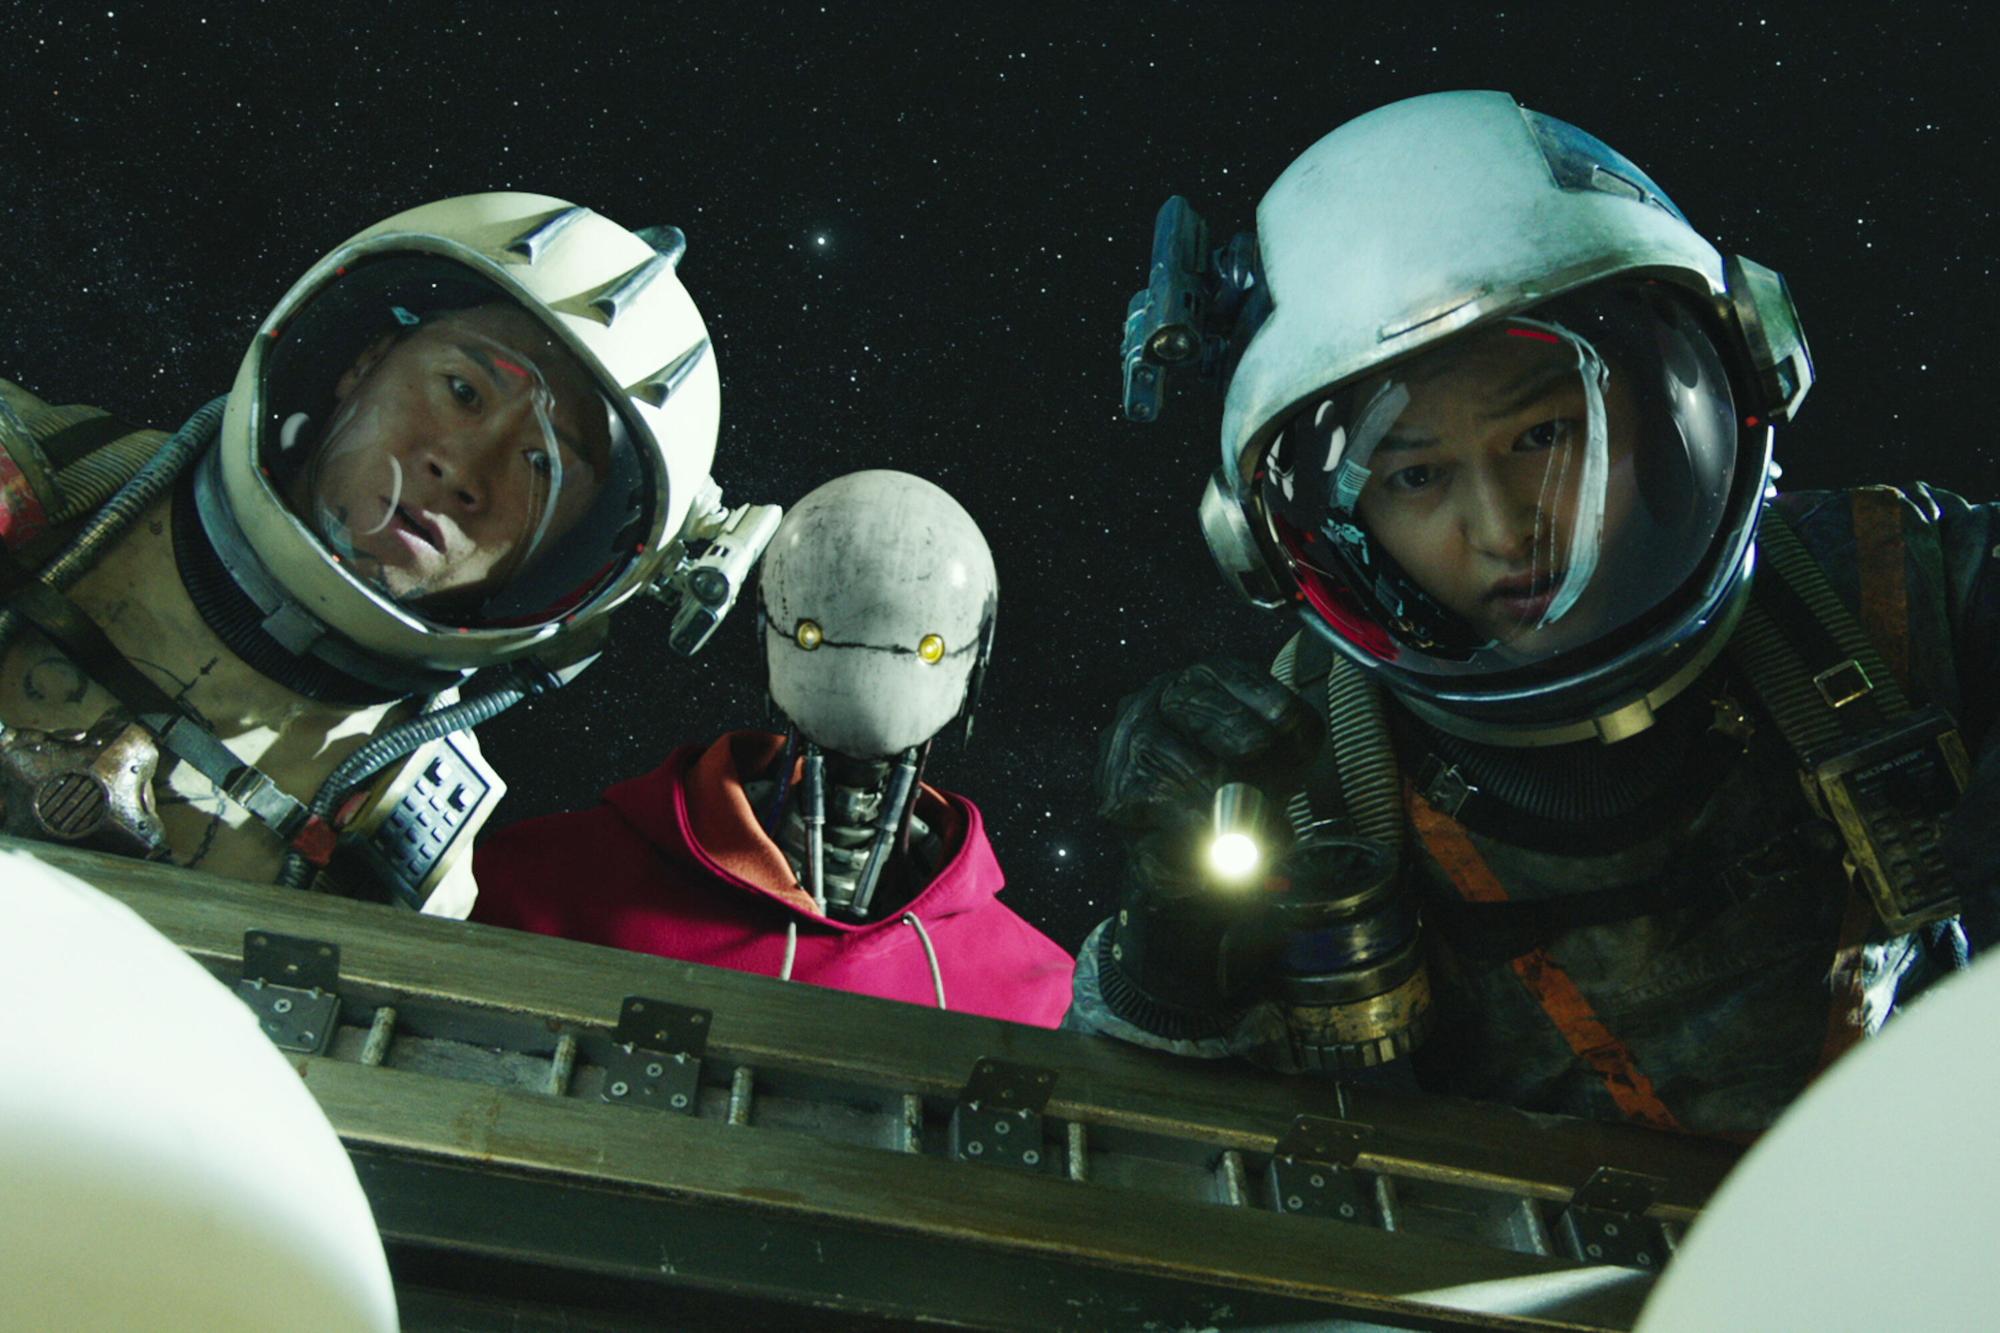 胜利号 Space Sweepers图片 高清壁纸大全 影视壁纸-第3张